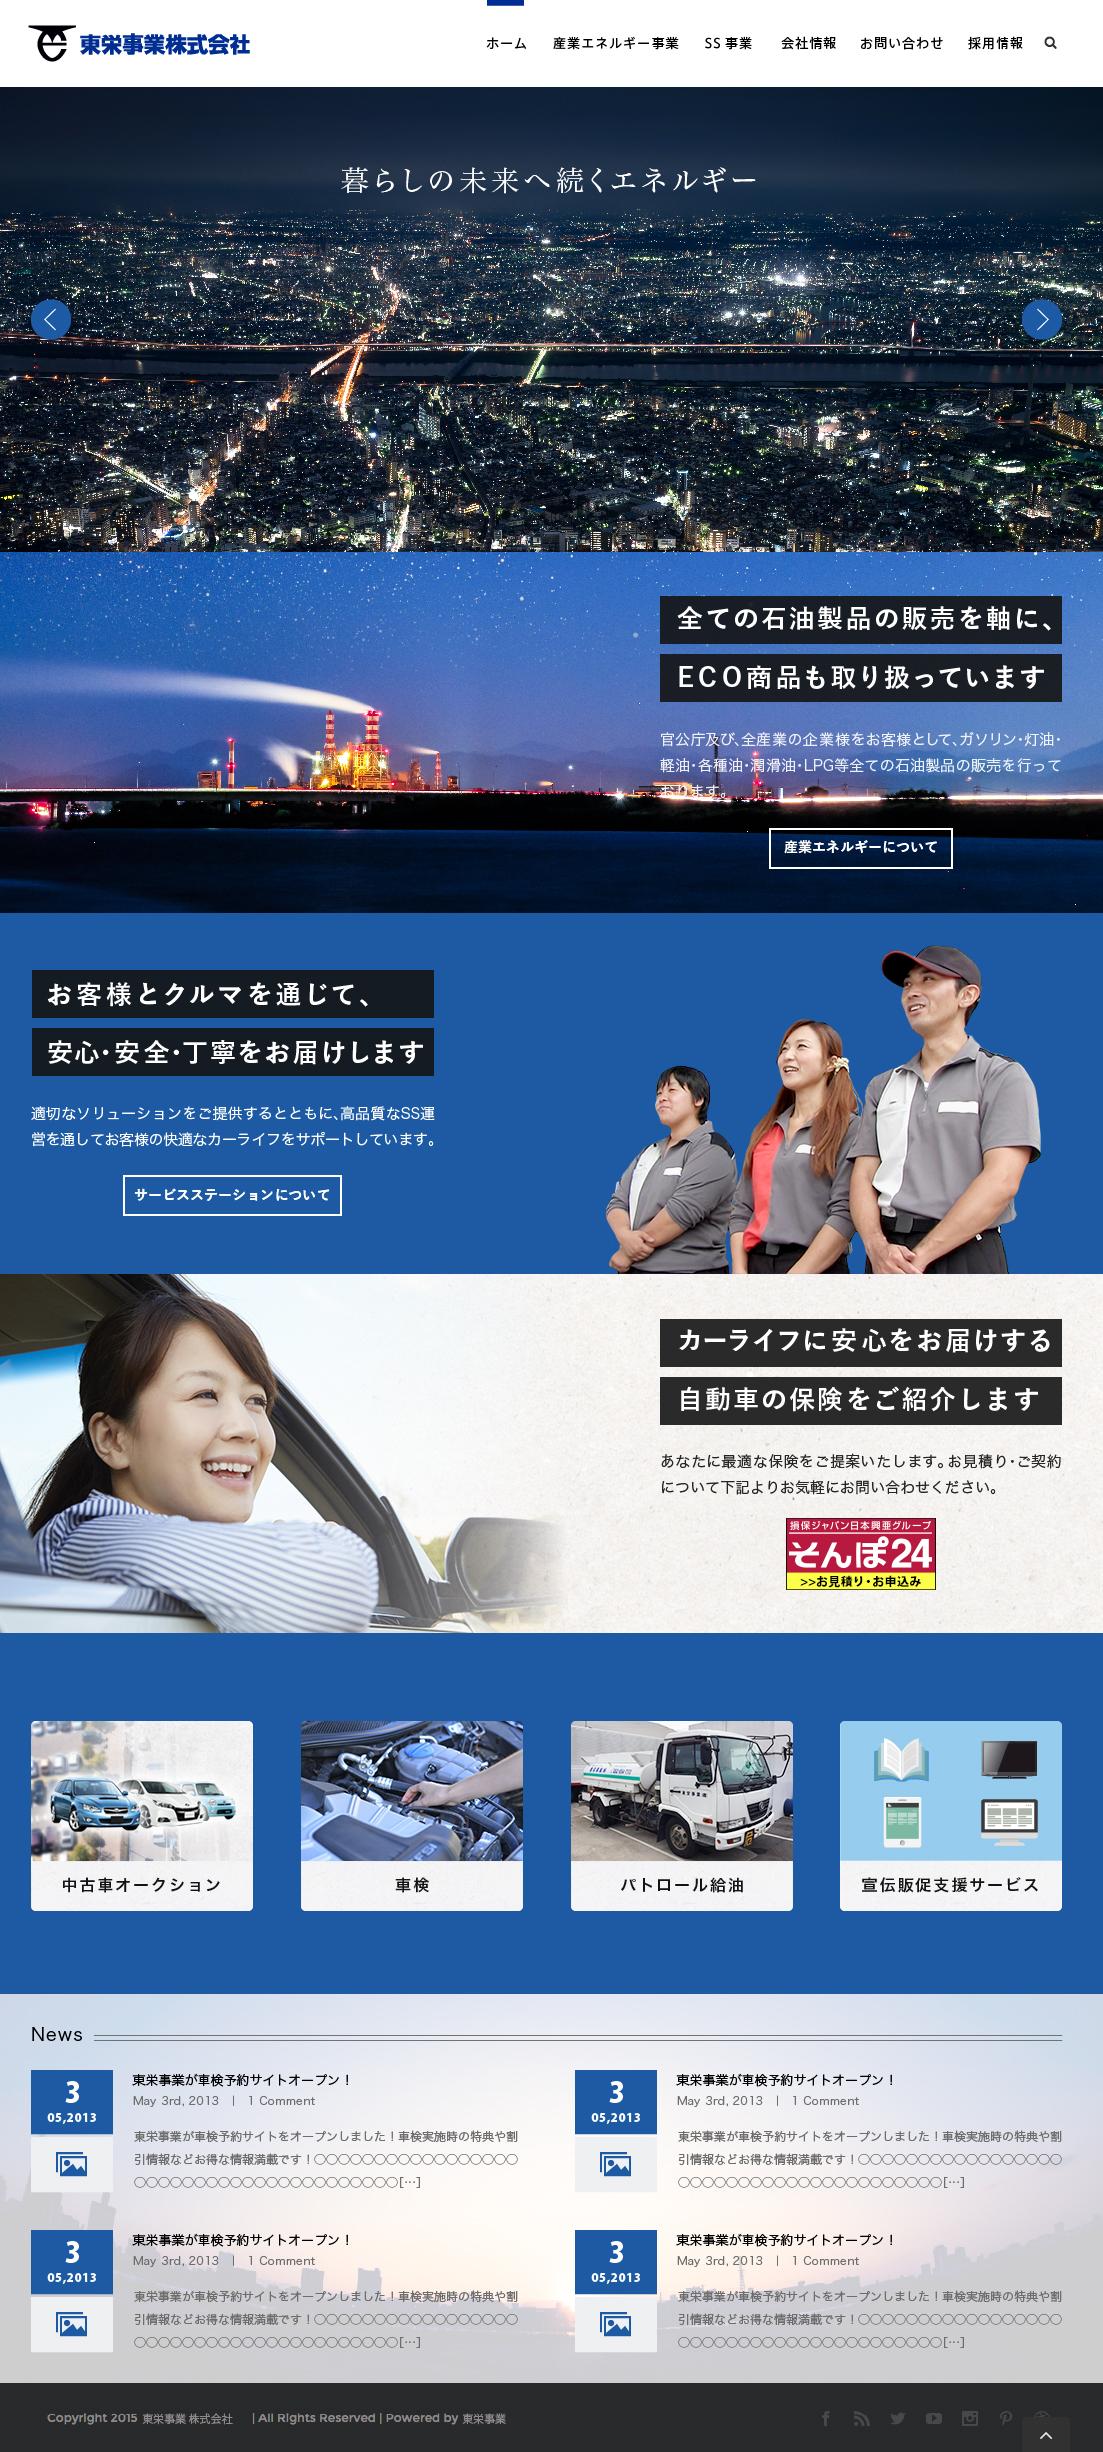 東栄事業株式会社 オフィシャルサイト